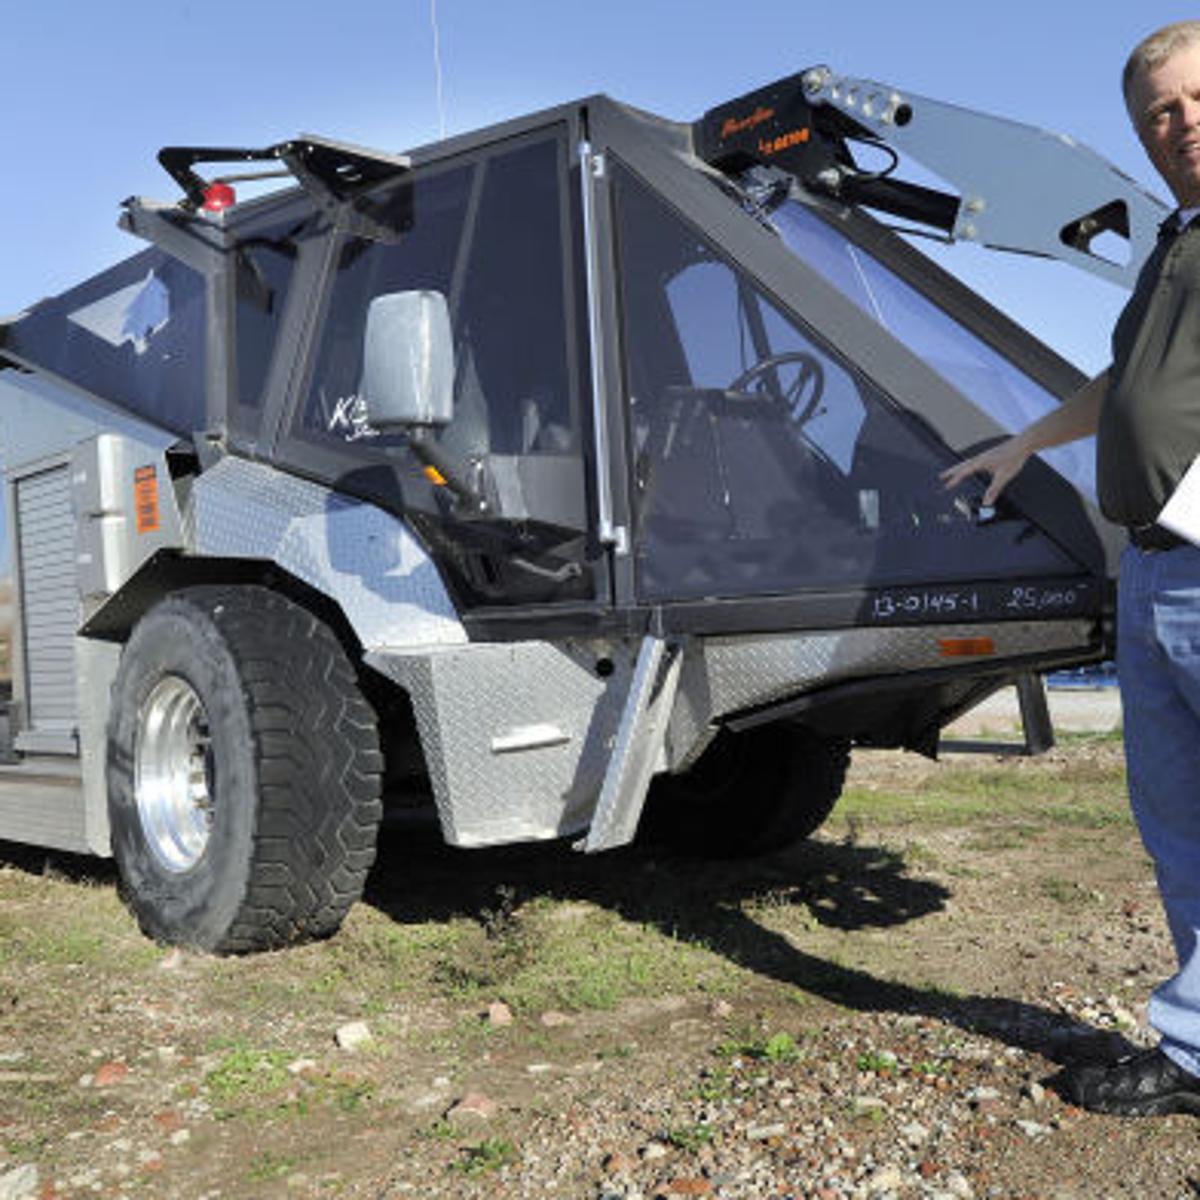 Military Surplus Auction >> Obscure Surplus Firetruck Up For Public Auction After